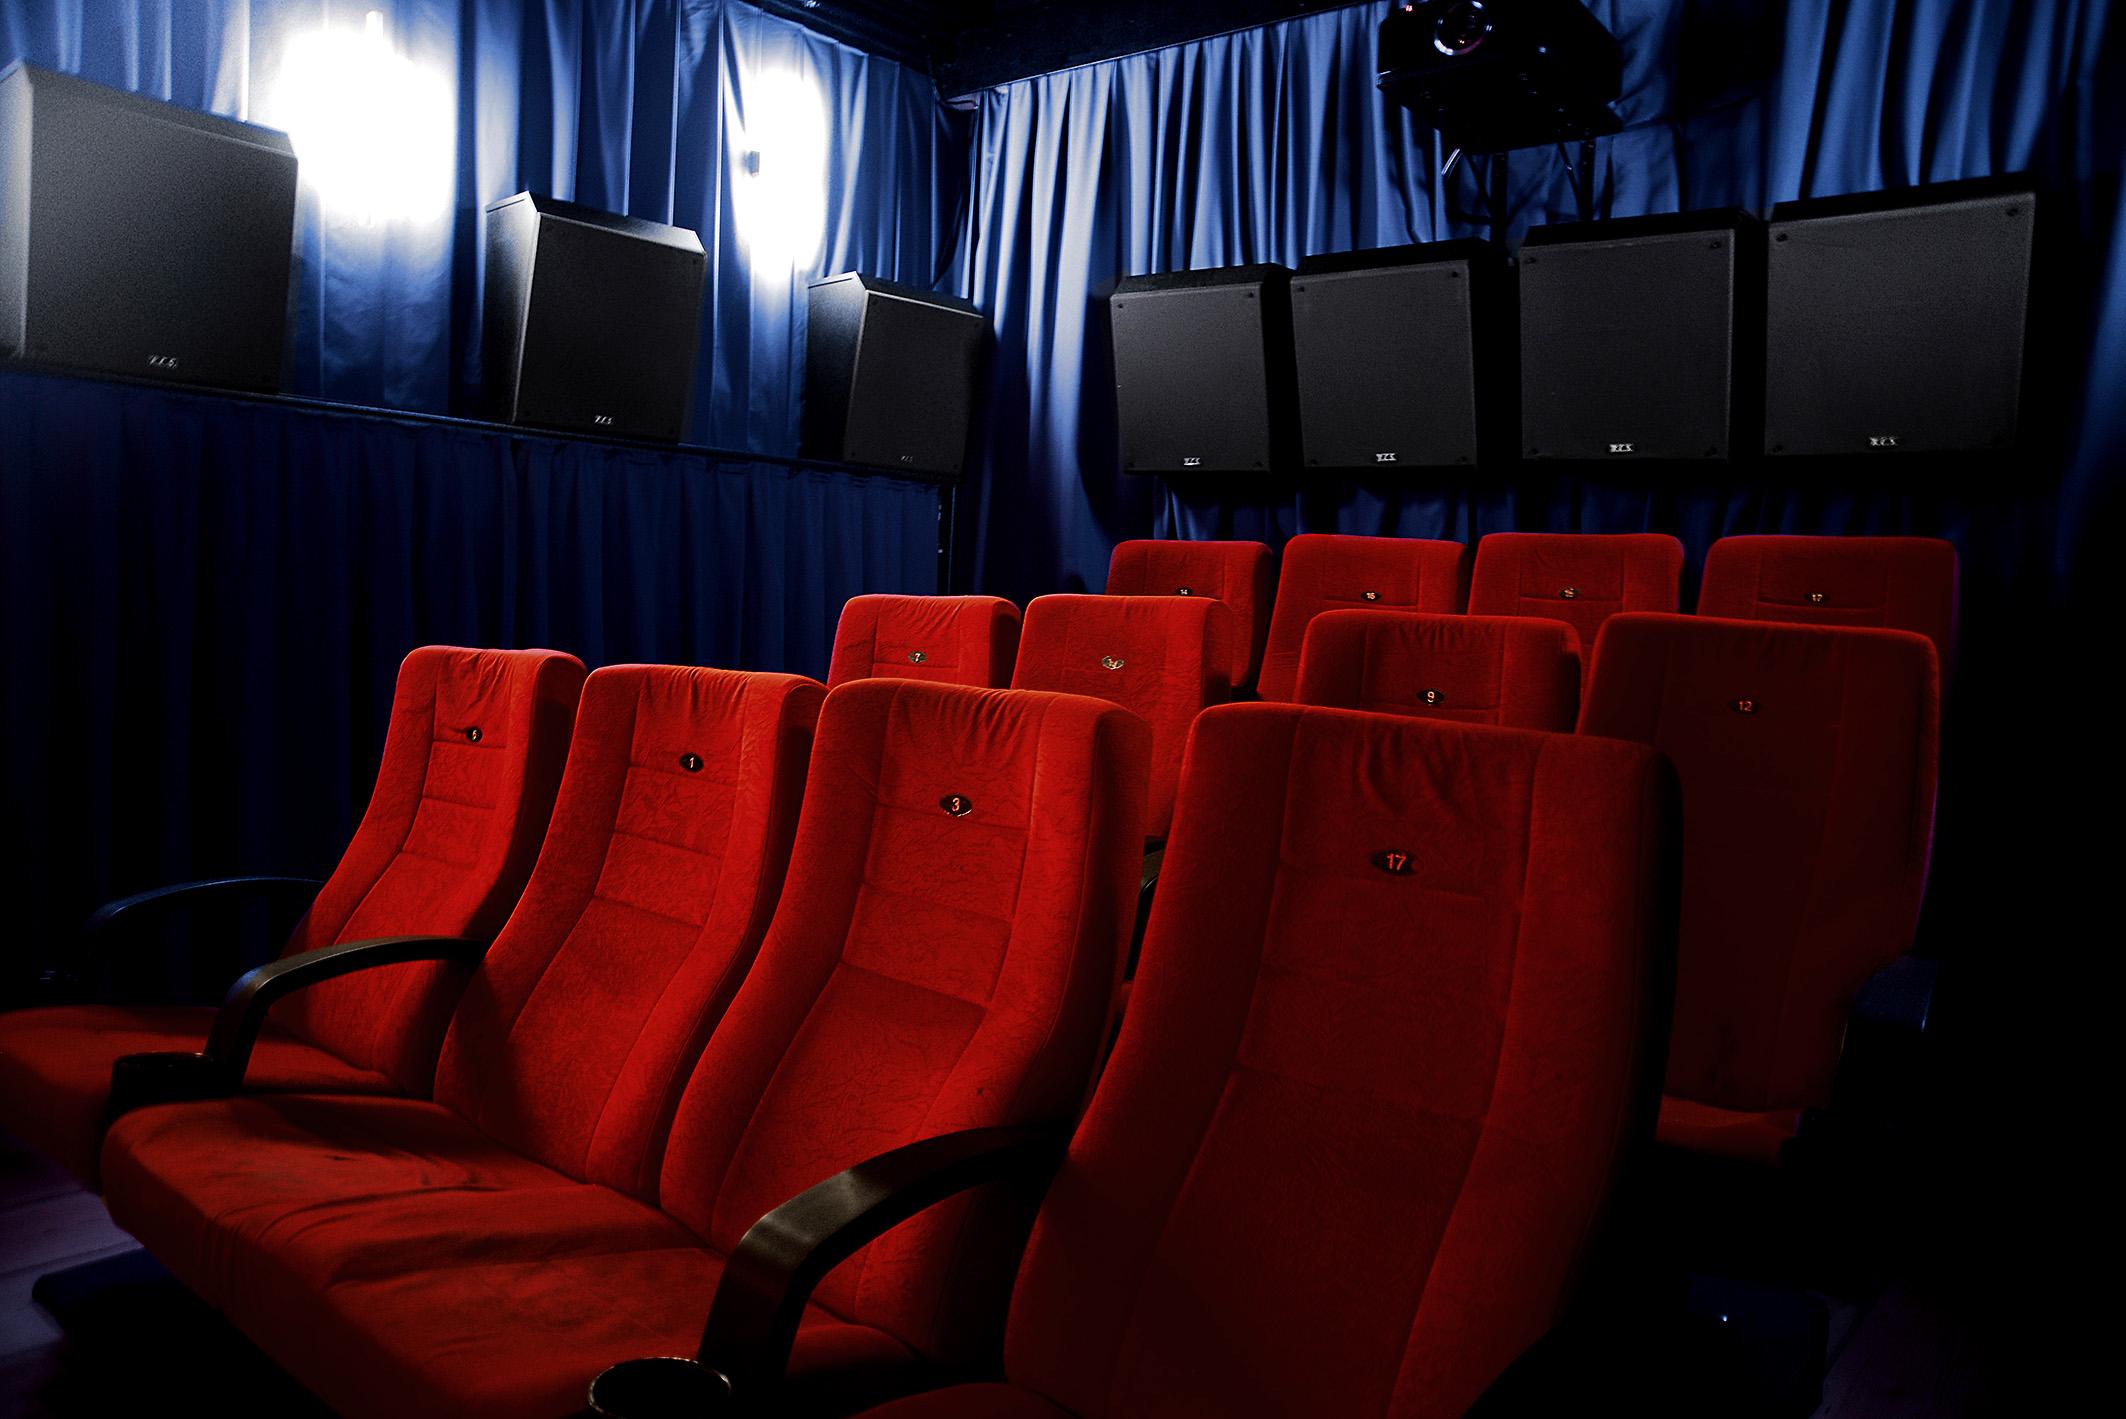 Foto: Michael B. Rehders Es ist vollbracht: 10 Surround-Lautsprecher plus 4 Deckenlautsprecher für Dolby Atmos tummeln sich in meinem Heimkino namens Lumière.